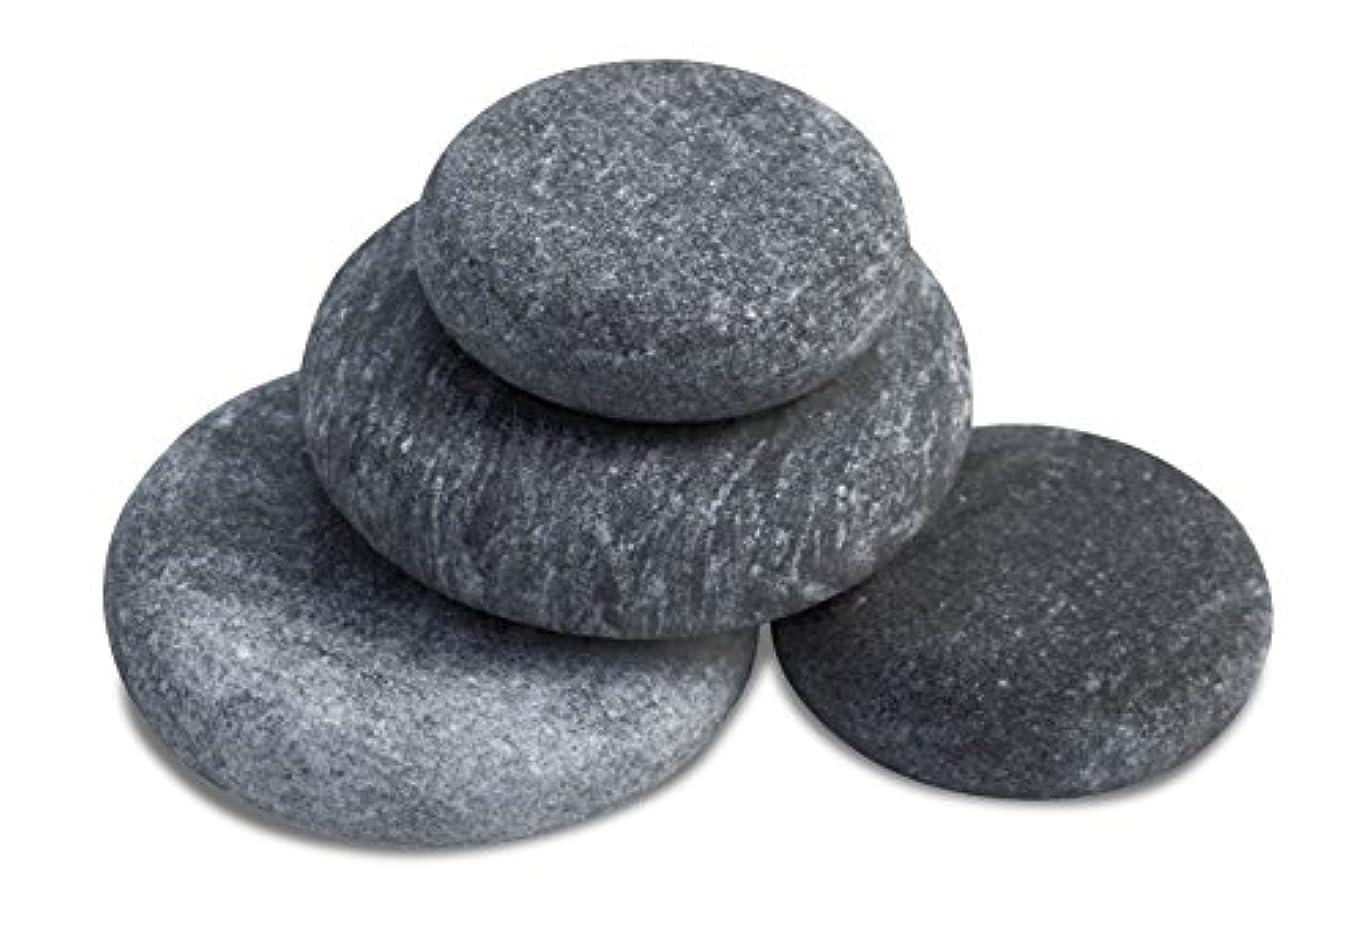 調査祖先一般化するHeaven Stones(ヘブンストーンズ)用ホットストーンセット JF-HSS